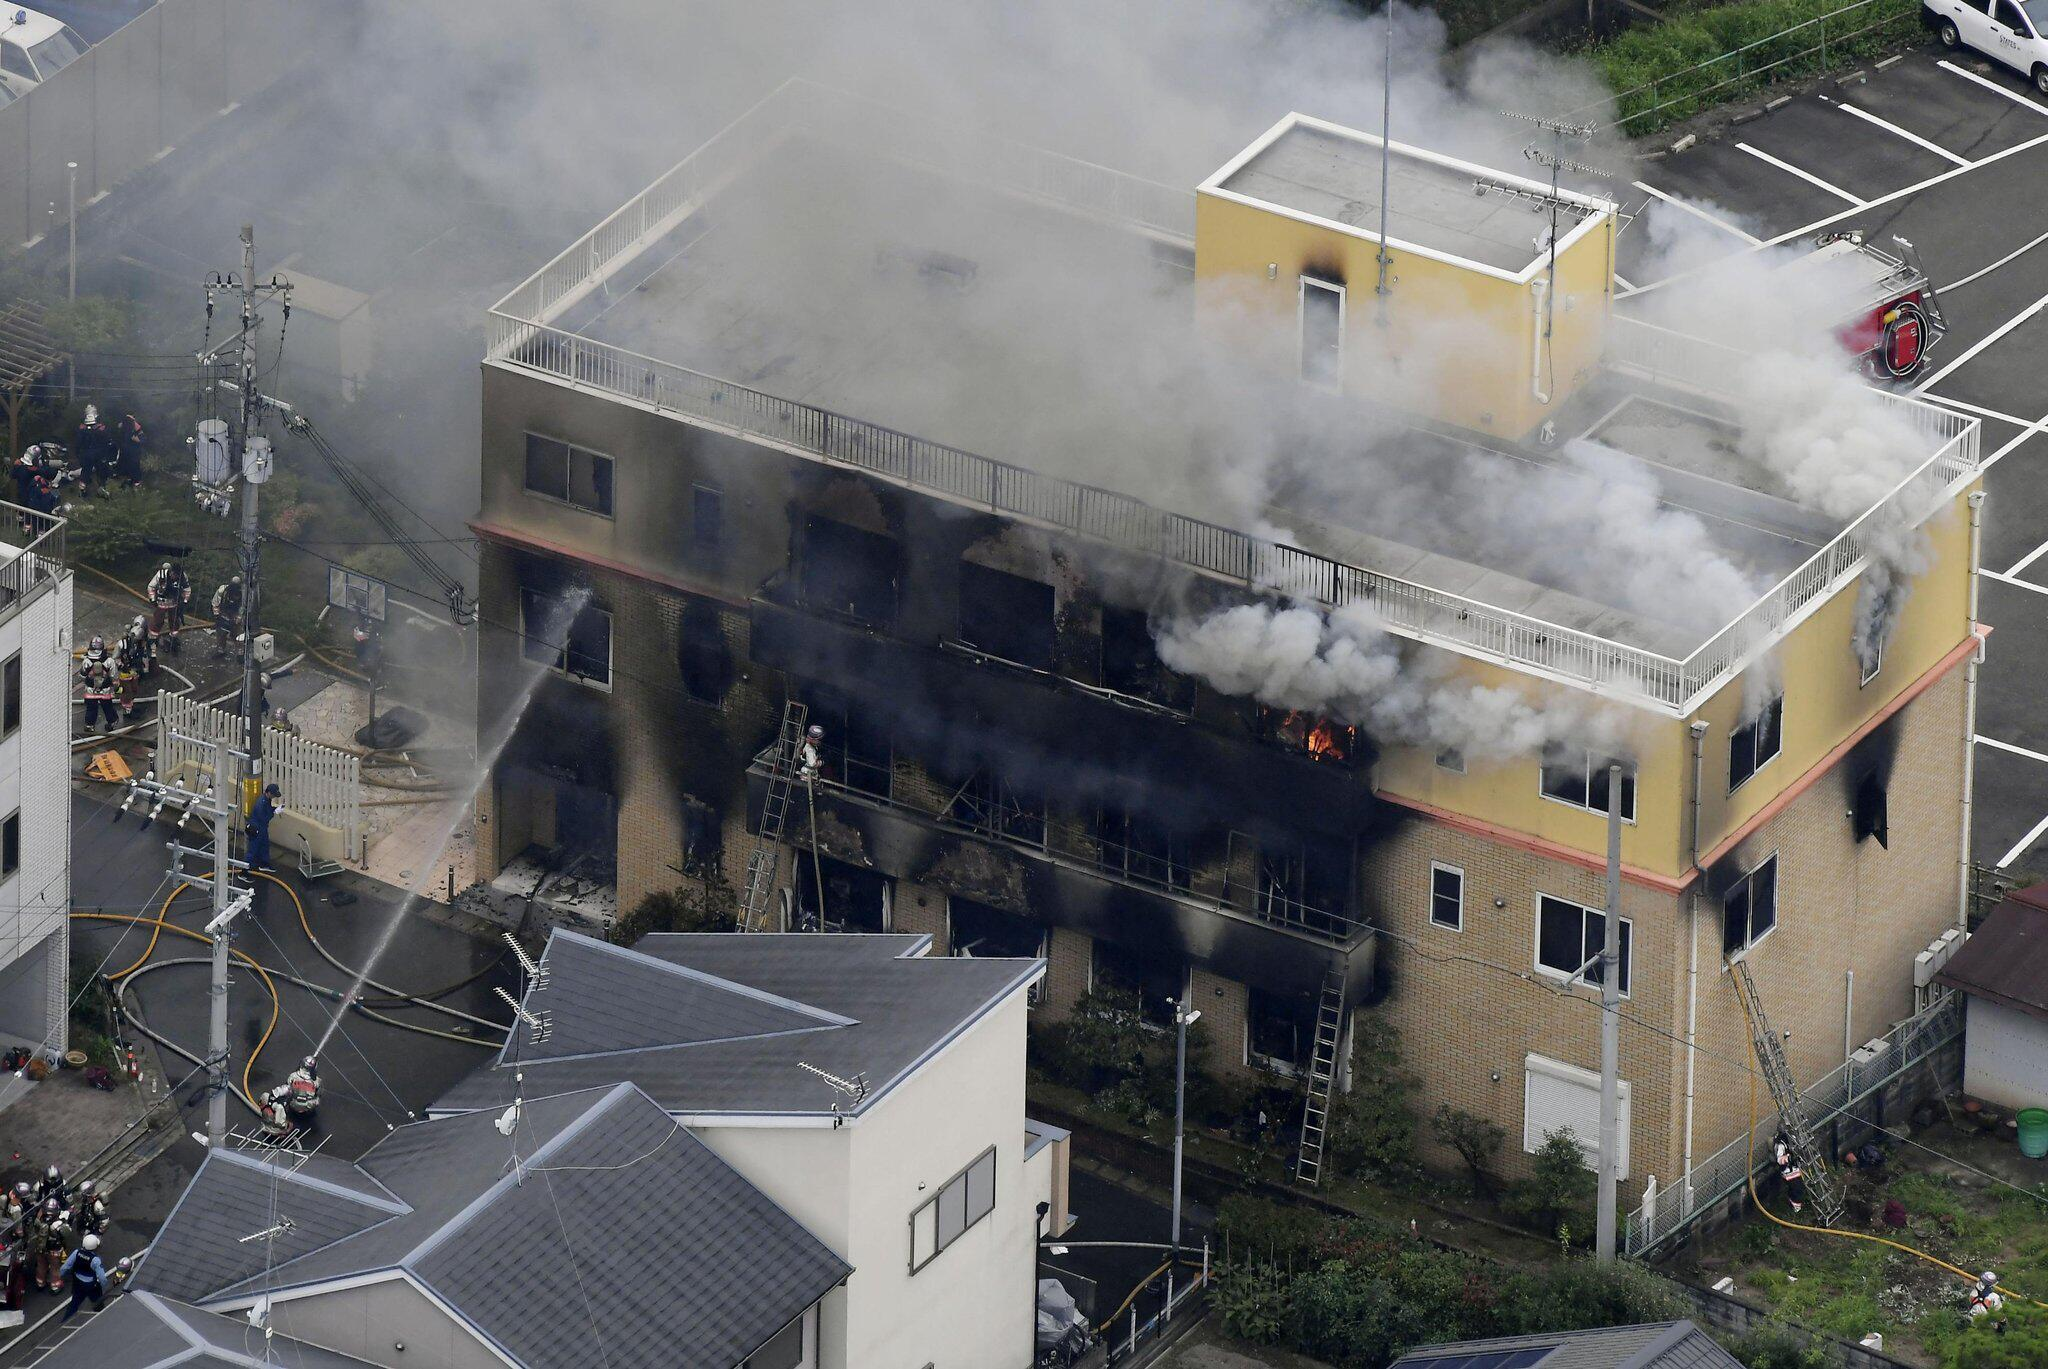 Bild zu Dutzende Verletzte bei mutmasslichen Brandanschlag in Japan